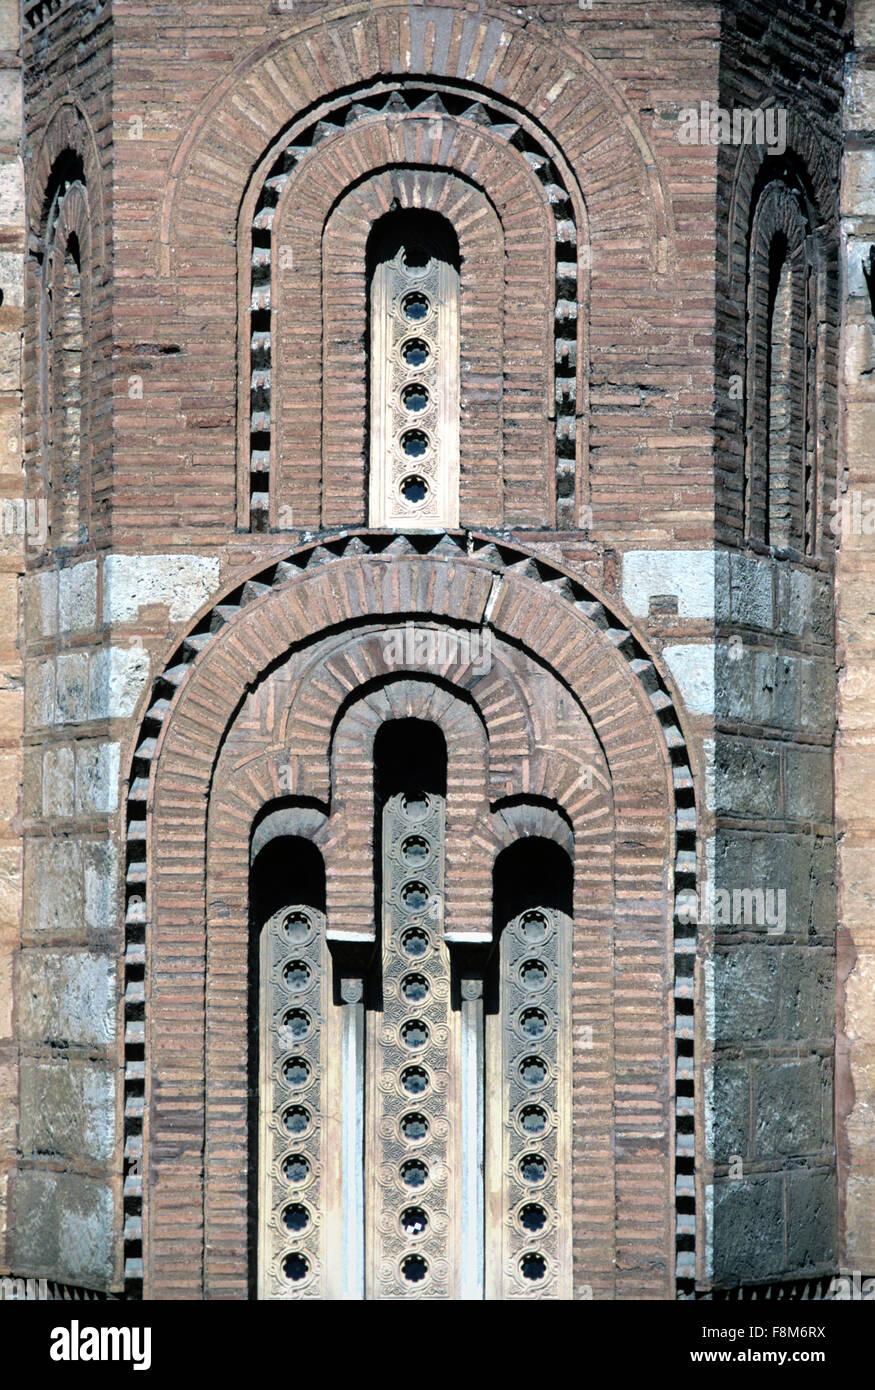 Byzantine Brickwork and Windows of the Main Byzantine Church (Katholicon or Catholicon) of Daphni Monastery or Dafni - Stock Image